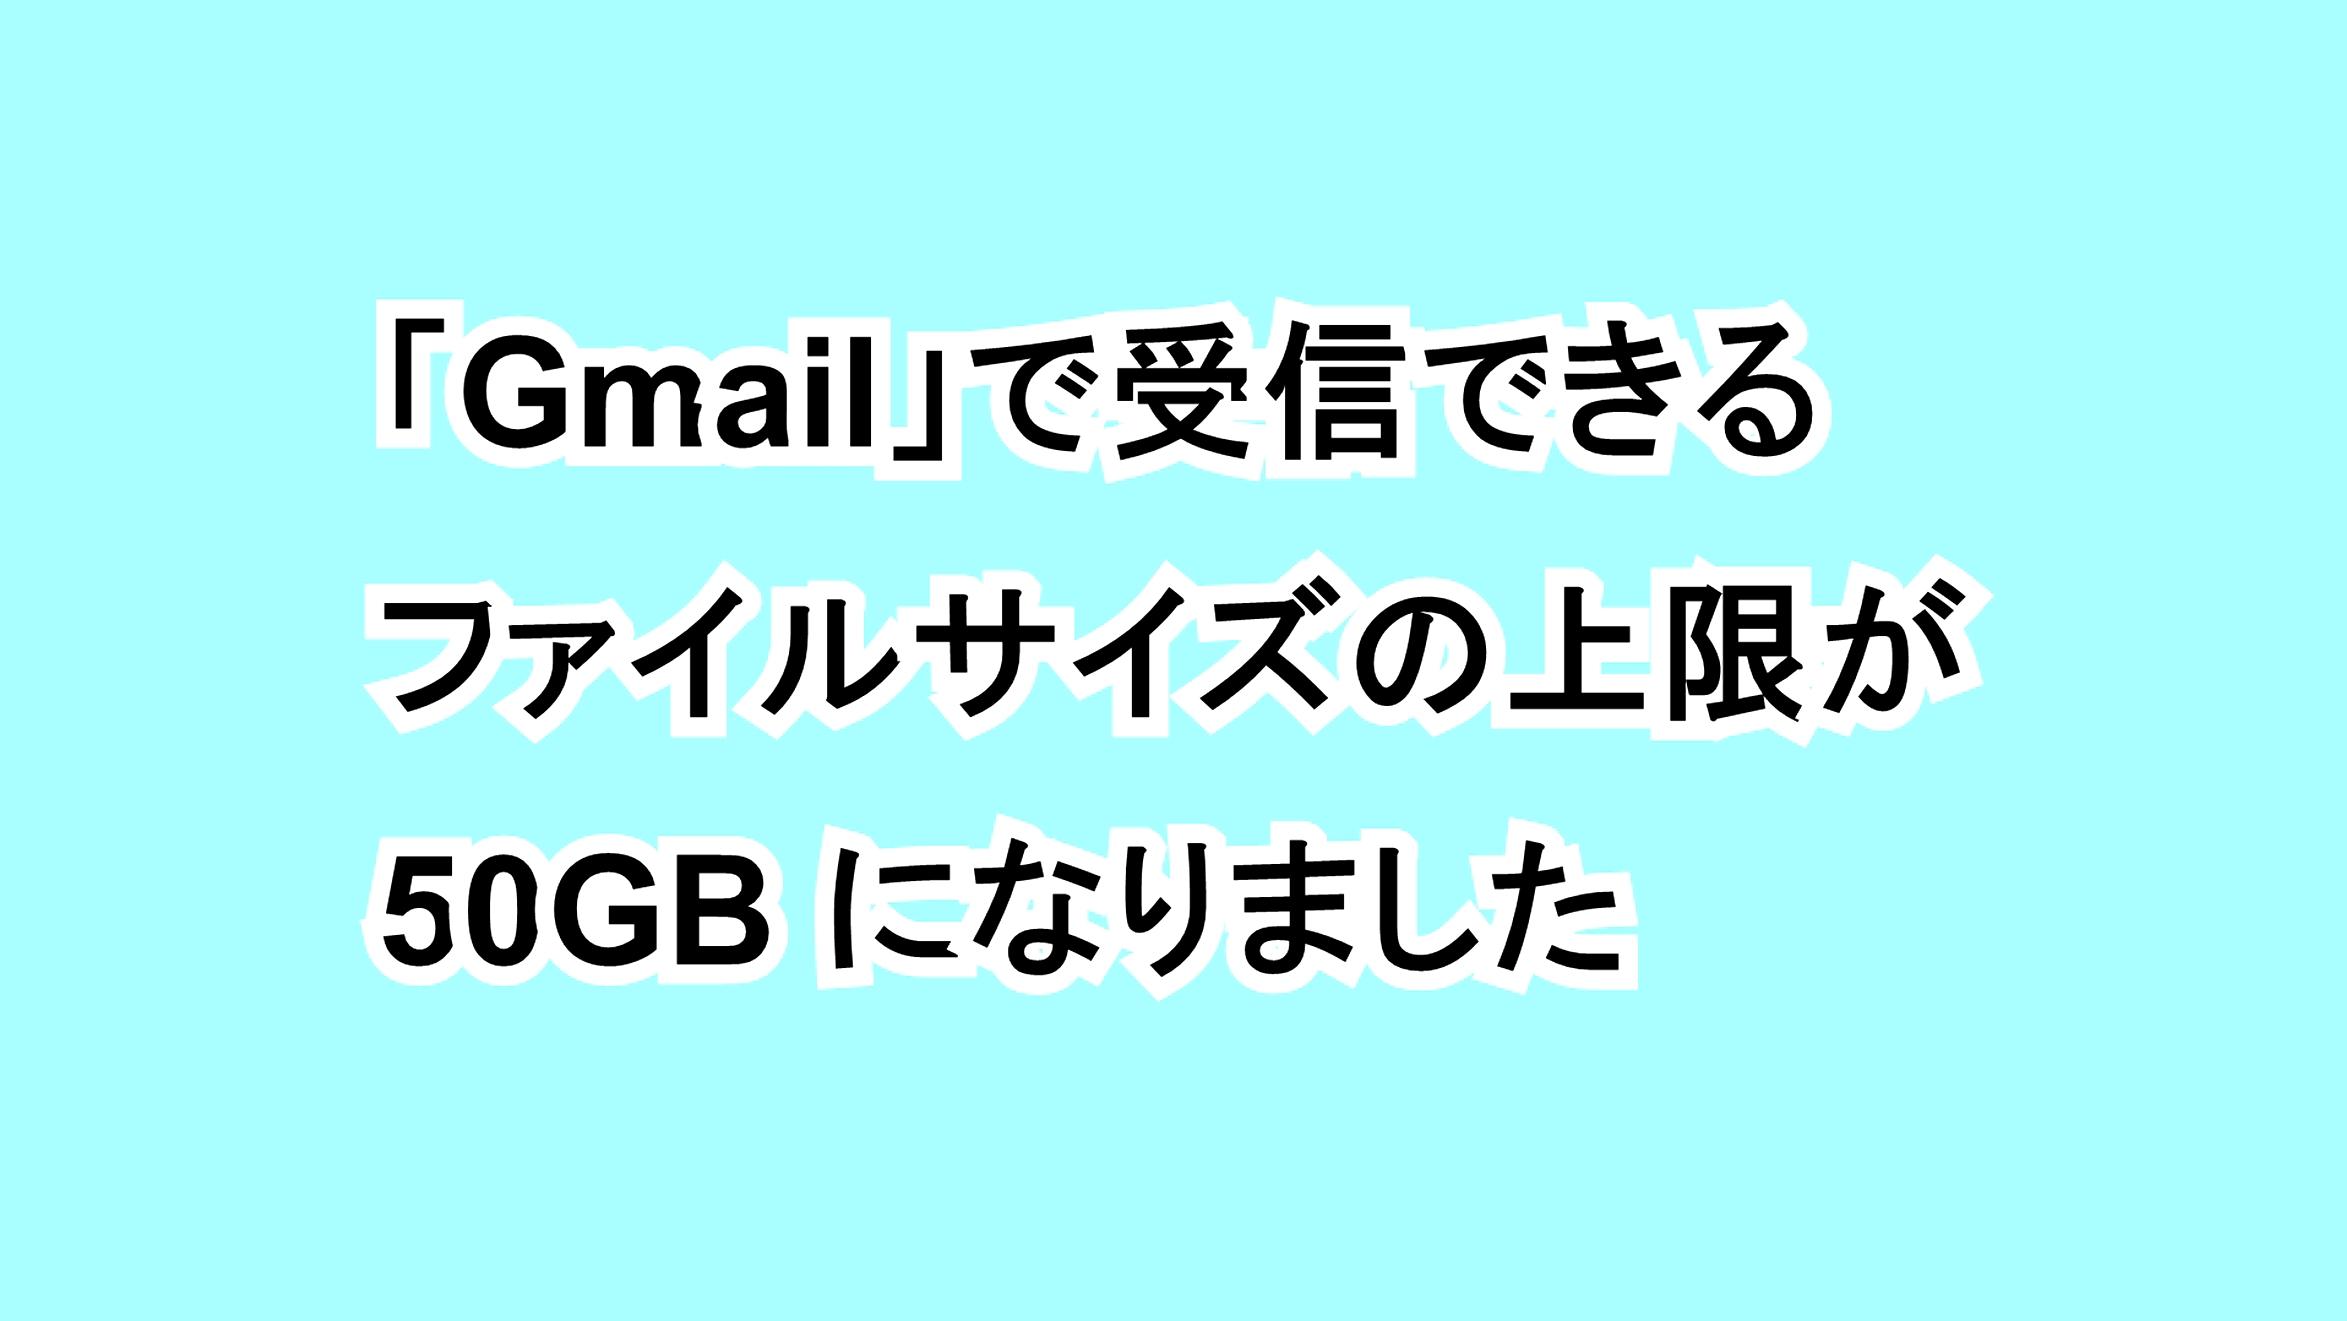 「Gmail」で受信できるファイルサイズの上限が50MBになりました